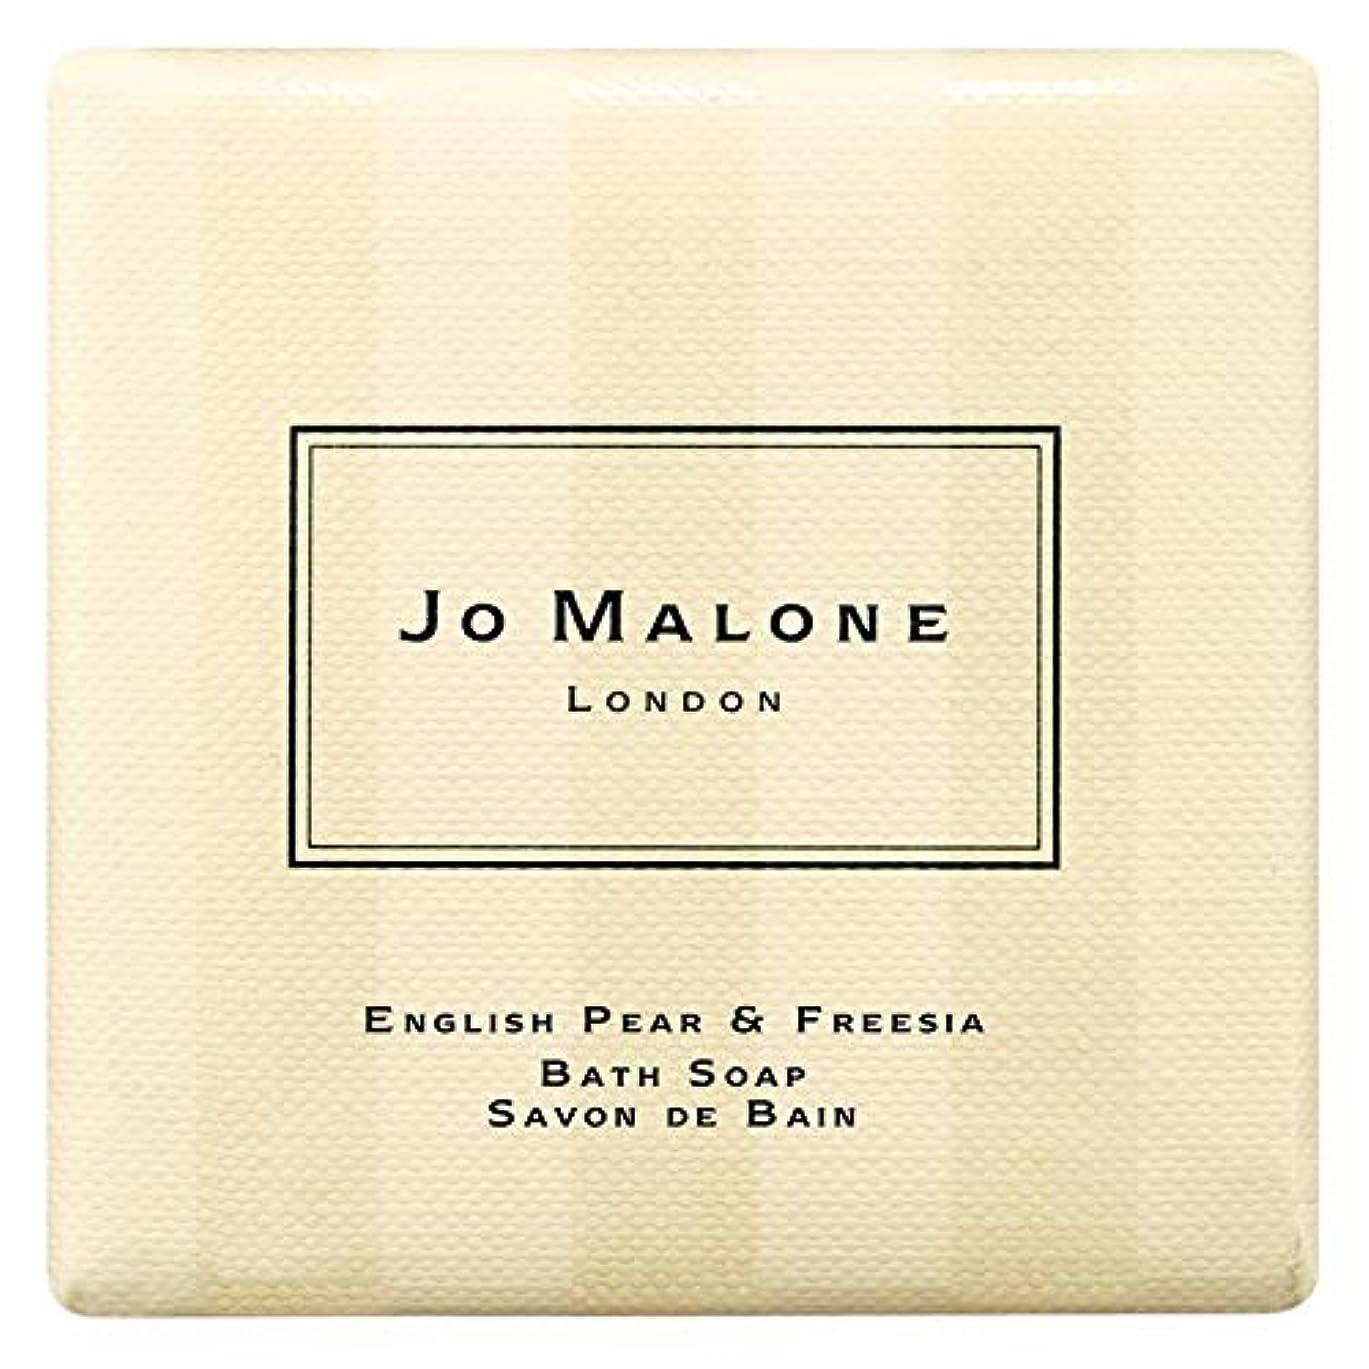 はい思い出すイースター[Jo Malone] ジョーマローンロンドン英語梨&フリージア入浴石鹸100グラム - Jo Malone London English Pear & Freesia Bath Soap 100g [並行輸入品]